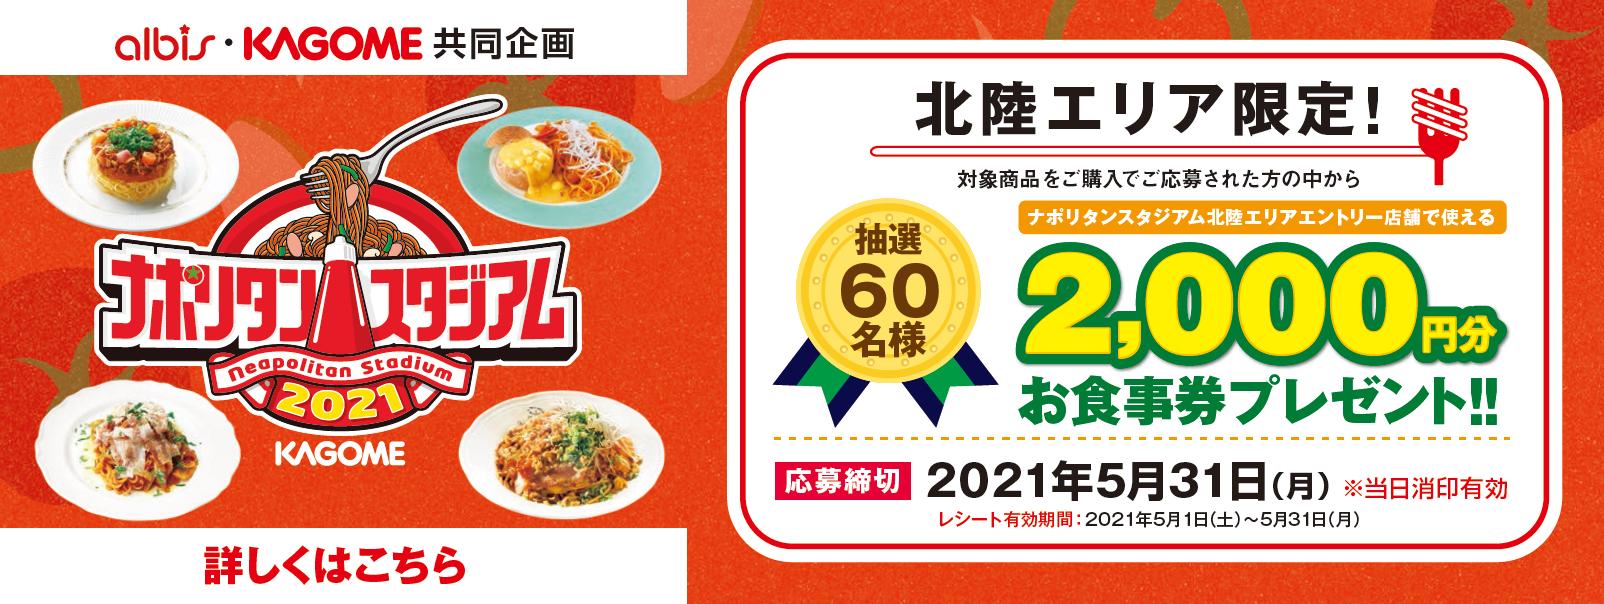 カゴメ共同企画「ナポリタンスタジアム北陸エリア限定お食事券プレゼント」!